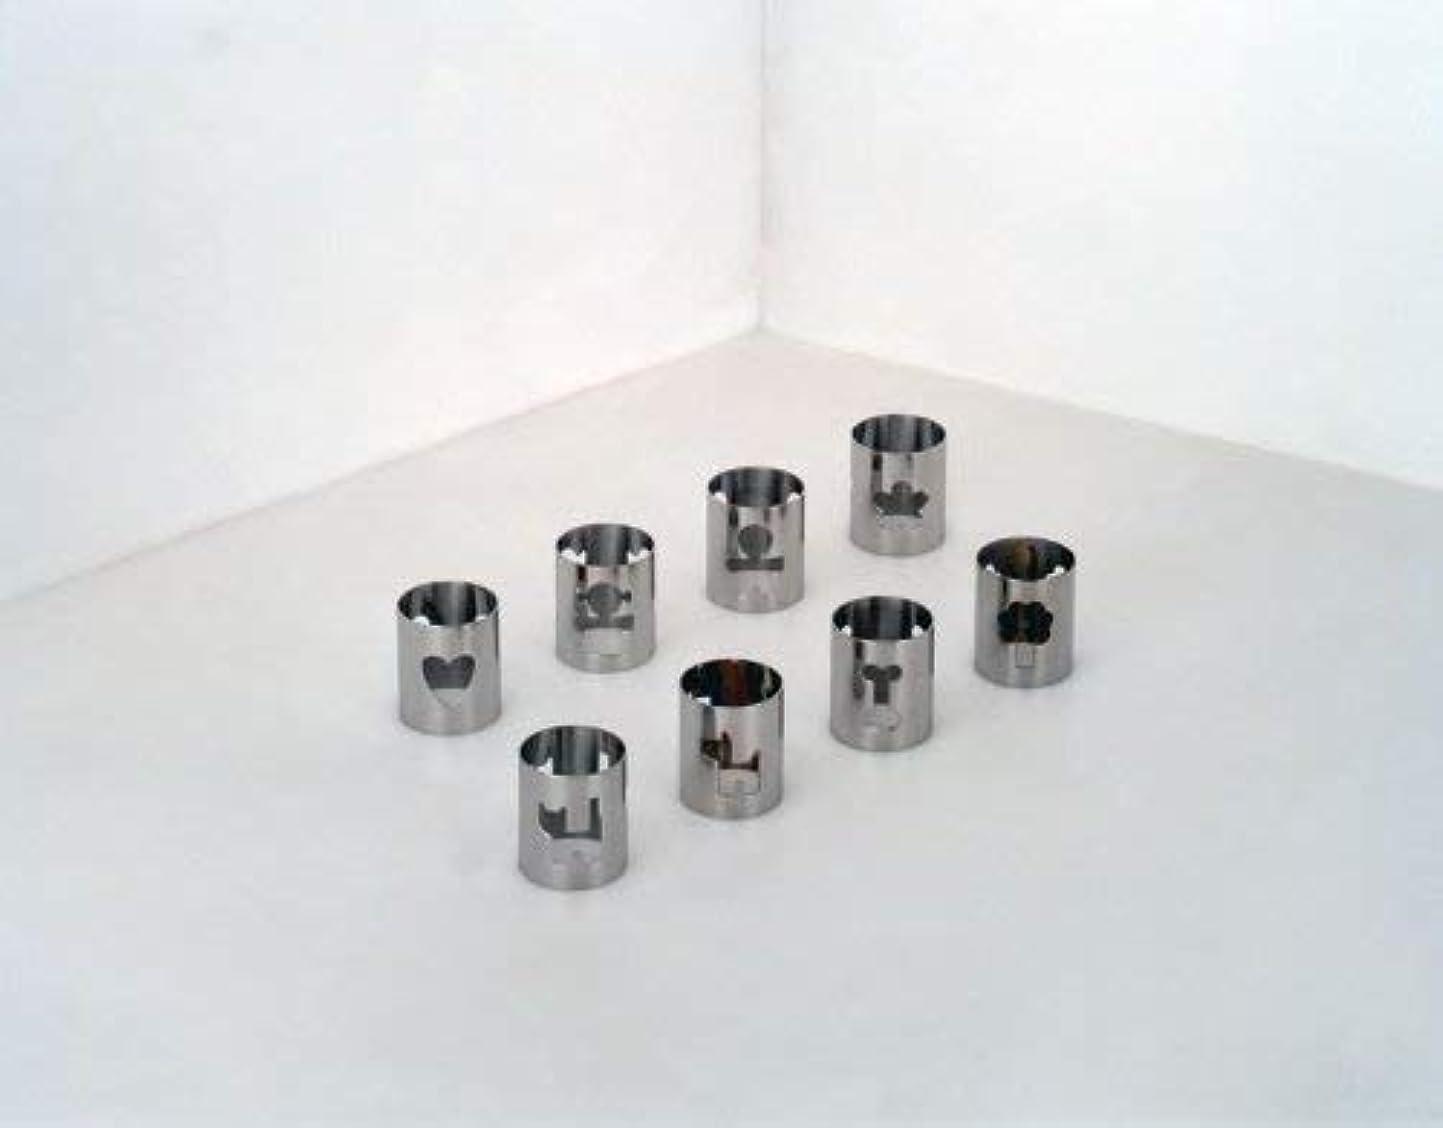 石膏資金ゲートウェイおうちフレンチに陶器製ナプキンリング〔一部アウトレット訳あり〕